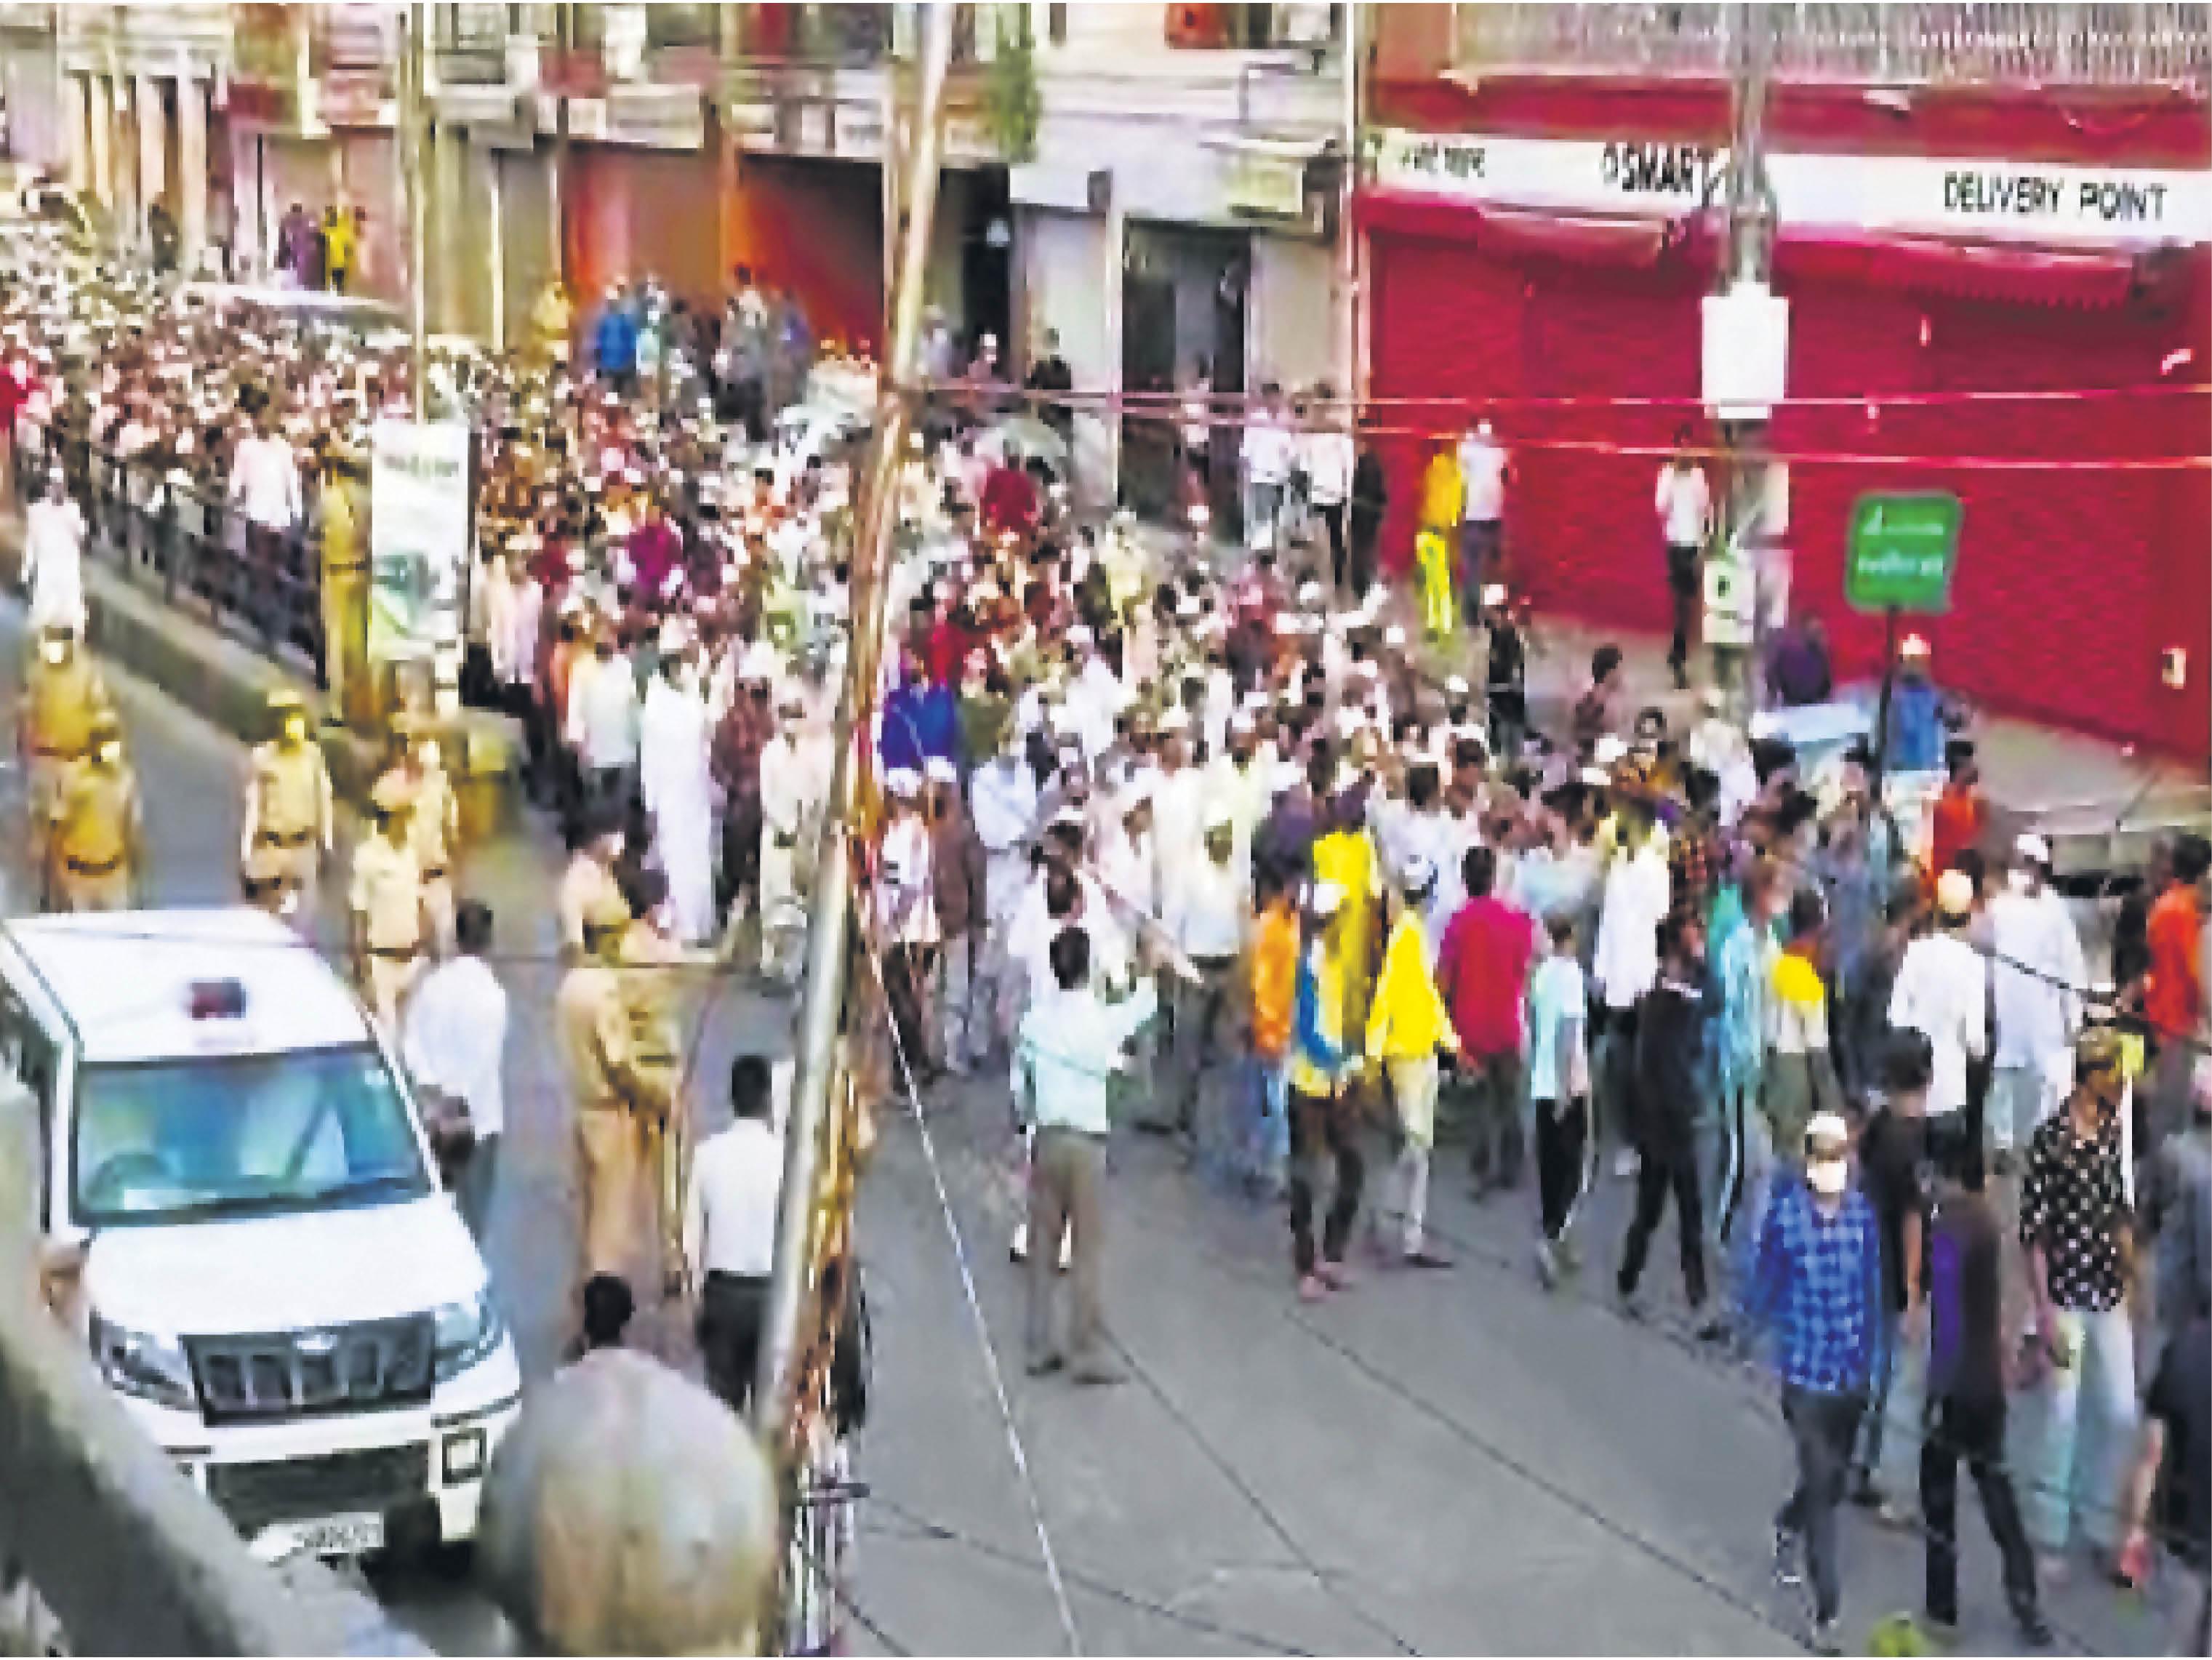 जनाजे के समय हजारों लाेगों के साथ पुलिस के करीब साै जवान भी मौजूद थे। इनमें डीसीपी अनिल पारिस देशमुख, आरपीएस सुमित शर्मा, सुनील शर्मा, रामगंज थाना प्रभारी बीएल मीना, सुभाष चाैक थाना प्रभारी भूरिसिंह शामिल थे।